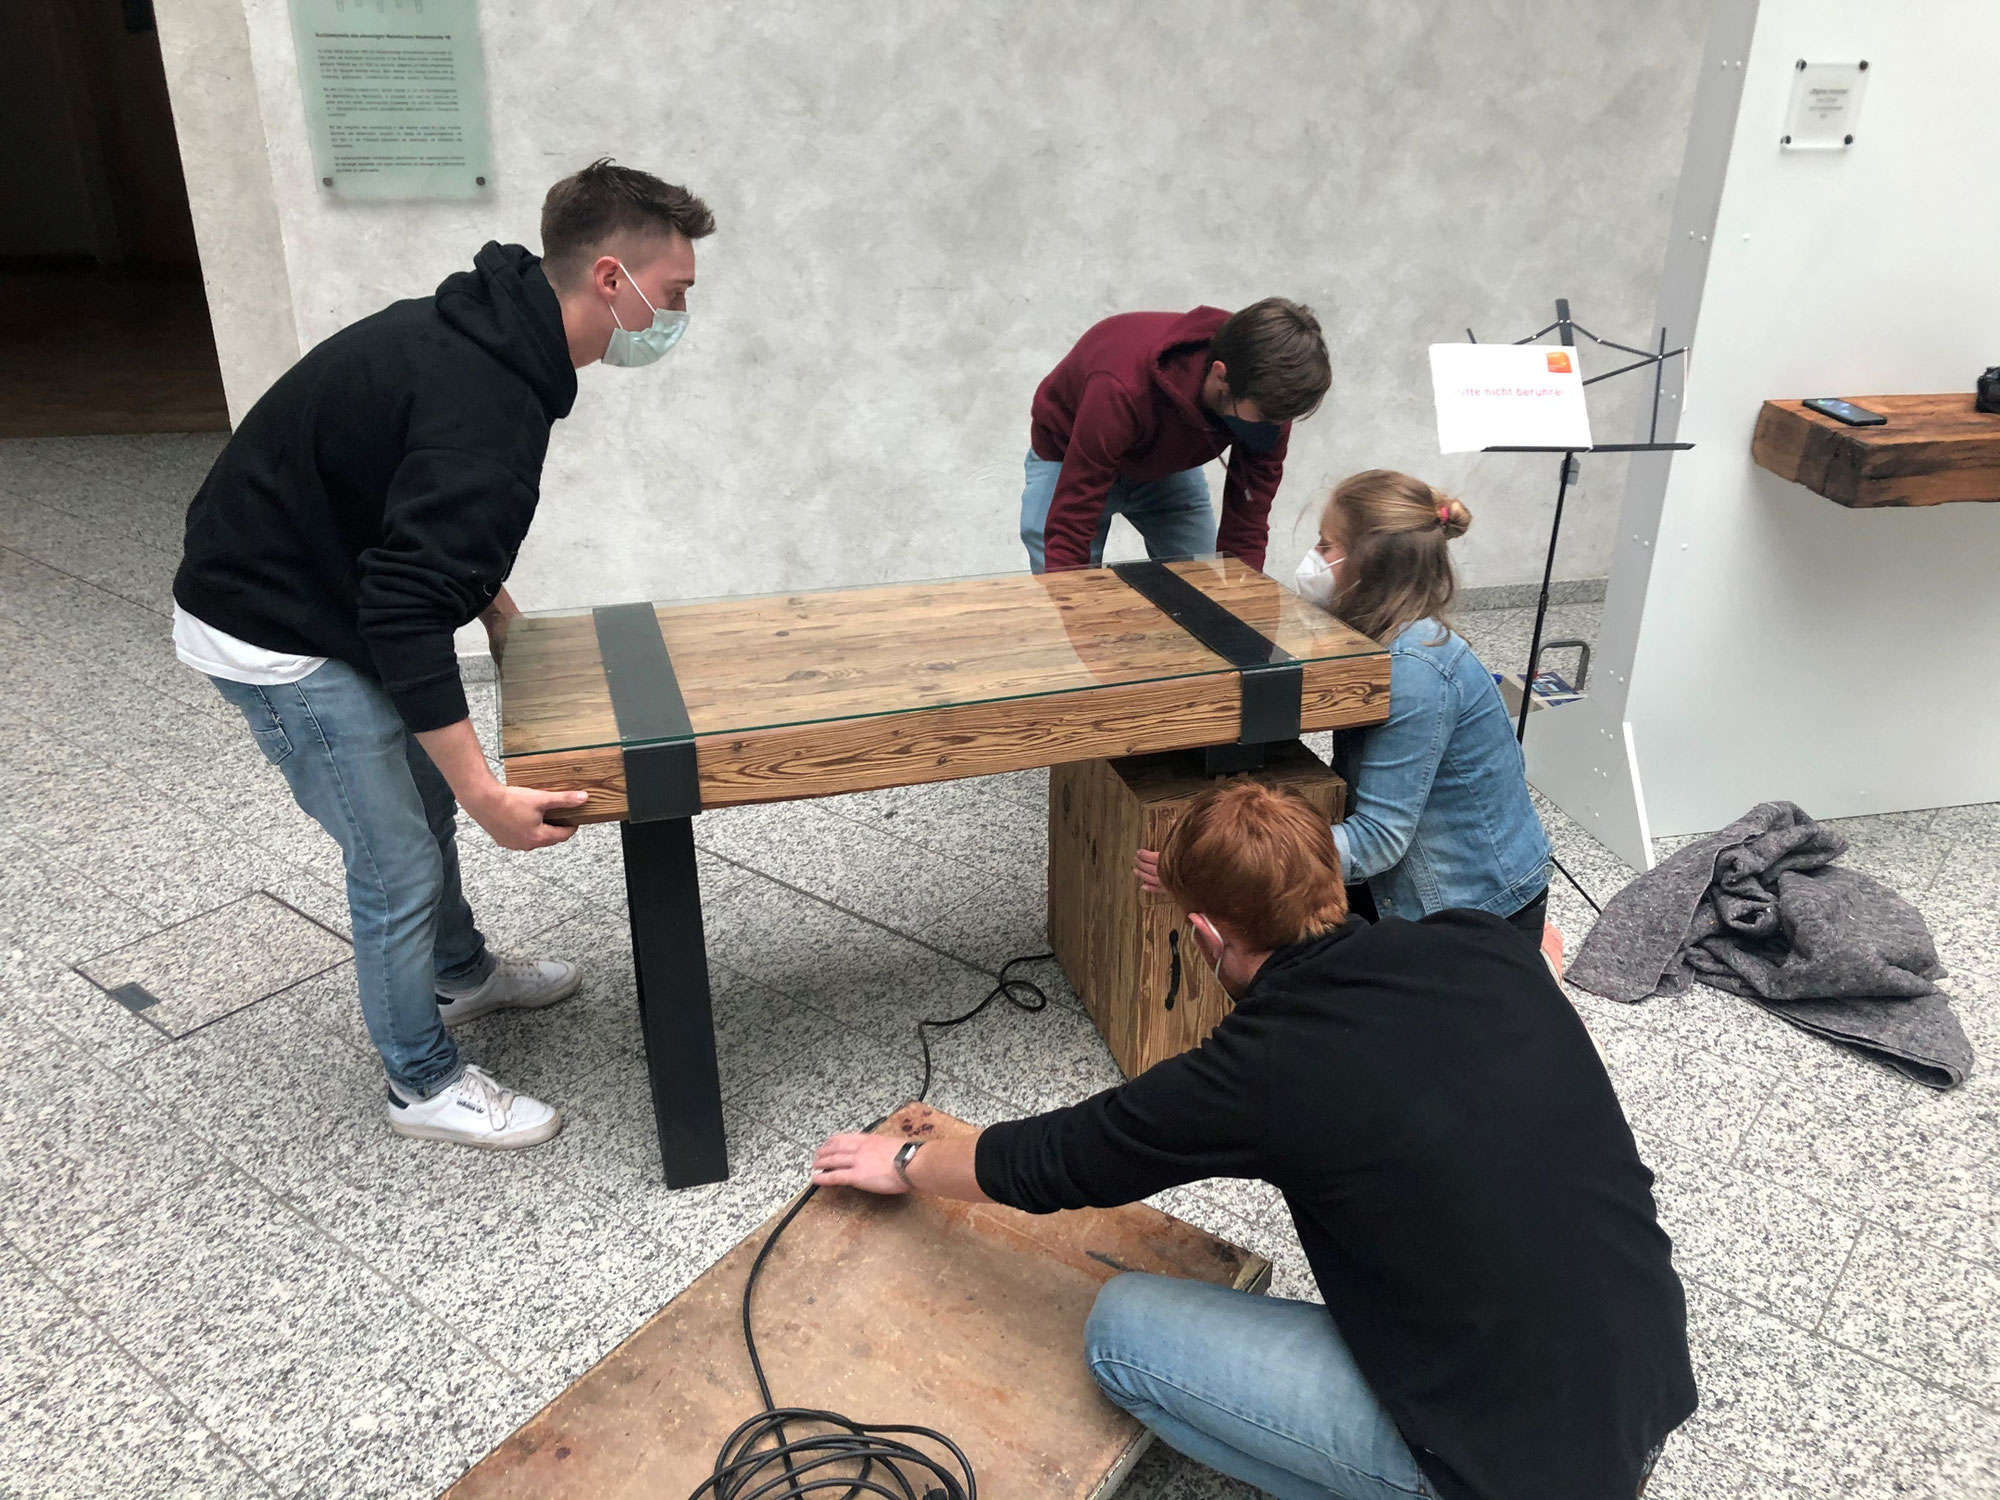 Tischler-Lehrlingswettbewerb Rheinland-Pfalz geht in die nächste Runde